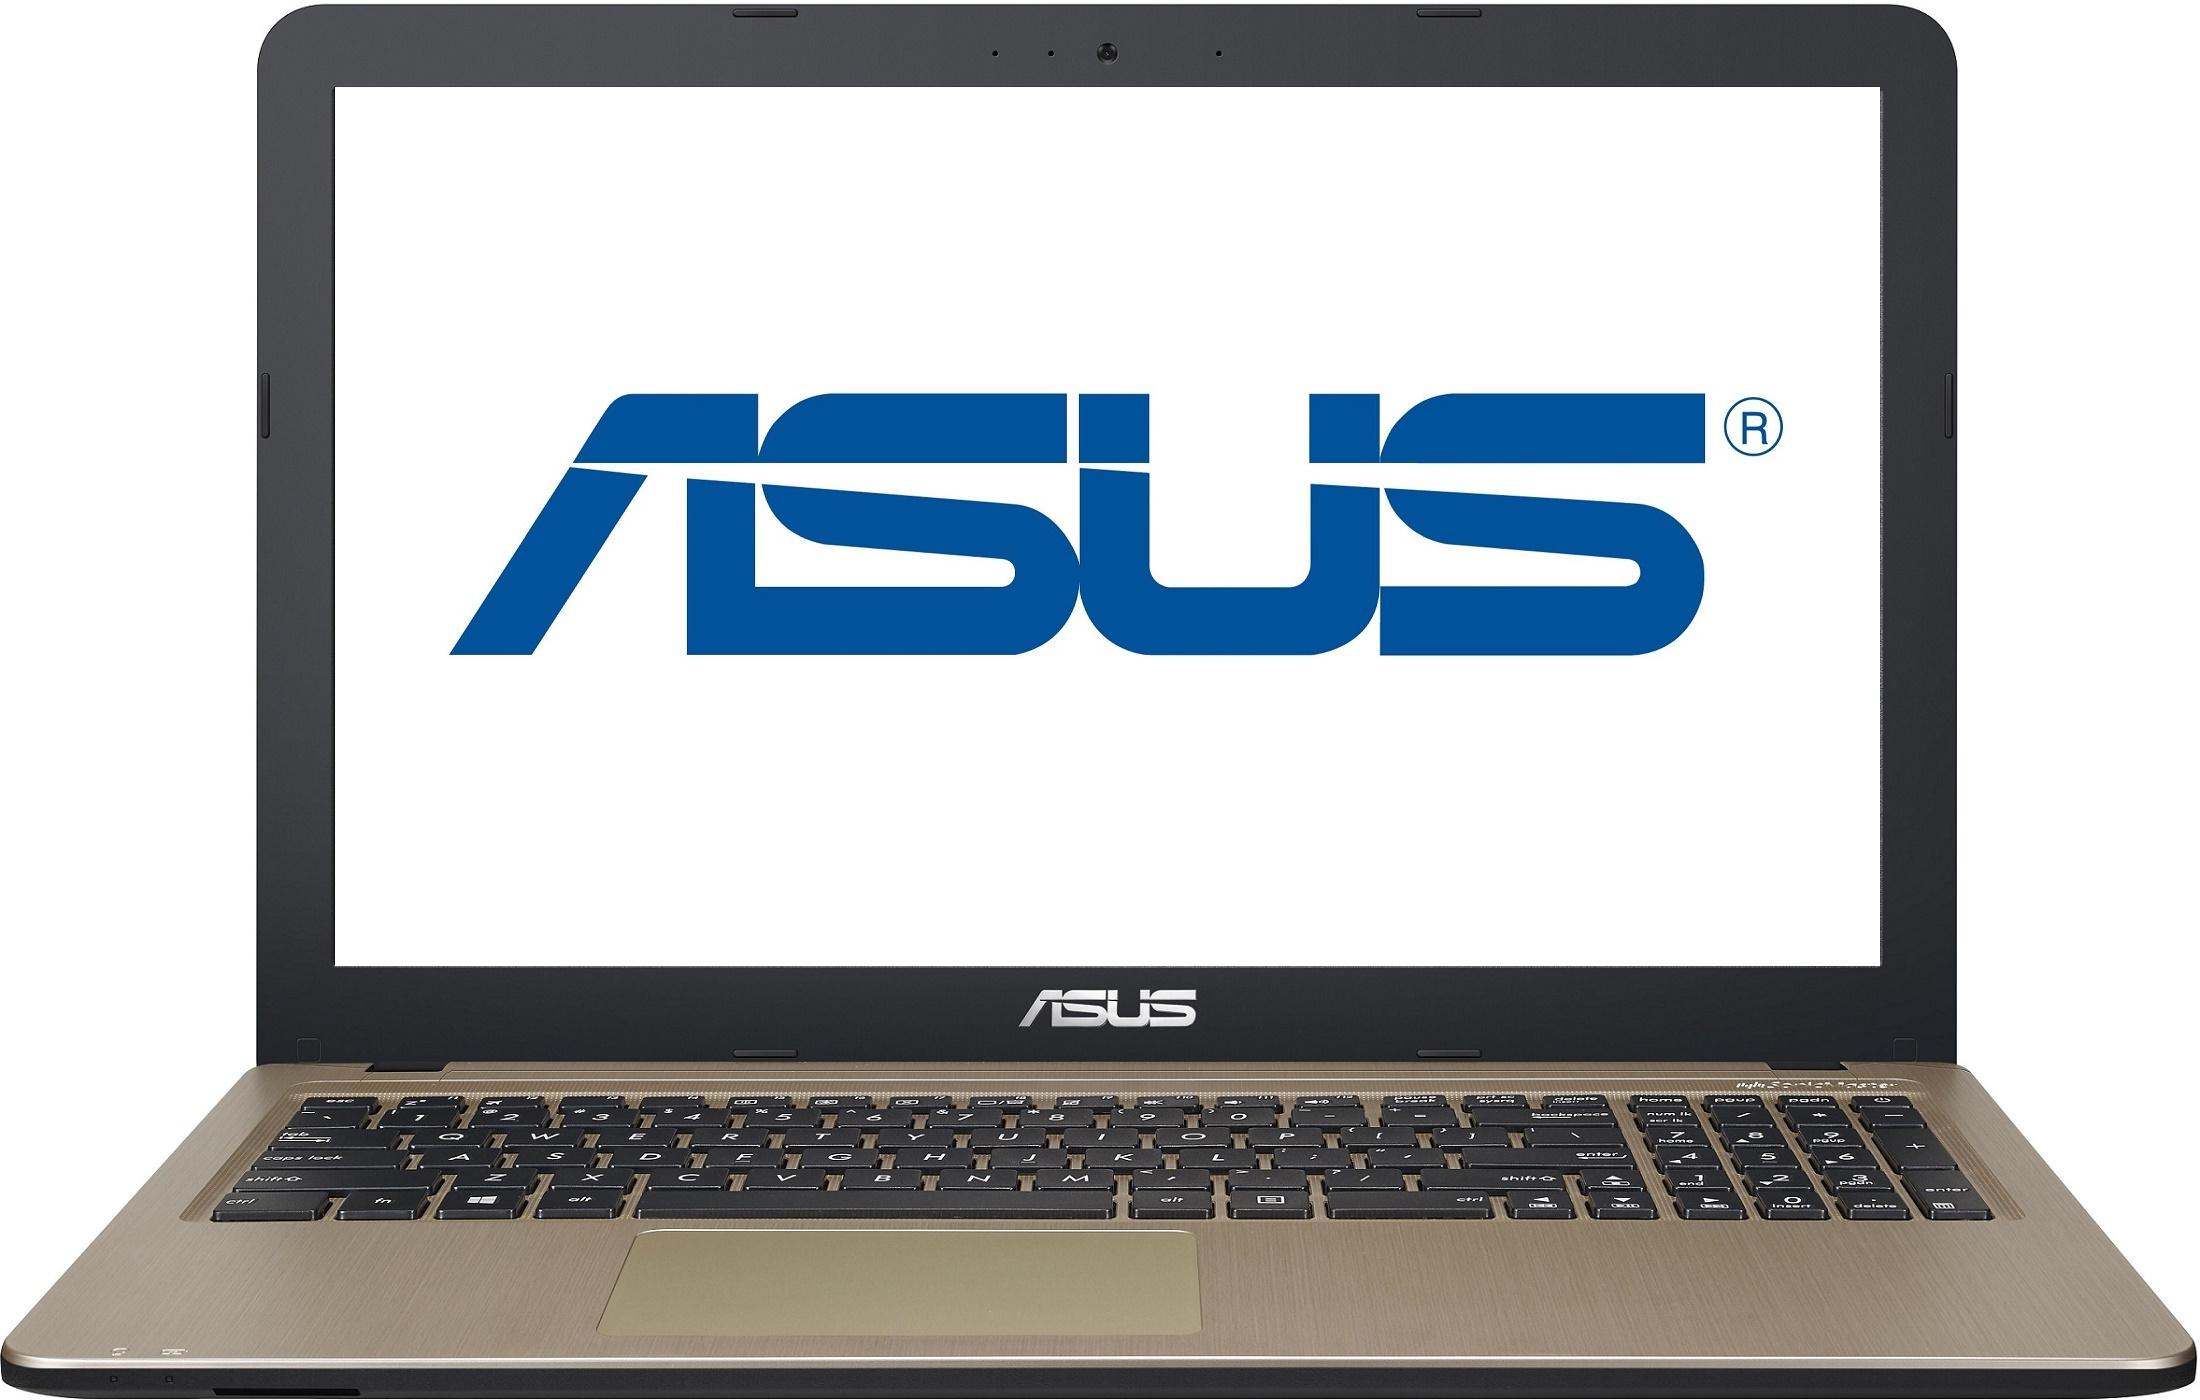 Купить Ноутбук ASUS VivoBook X540UB-DM022 Chocolate Black